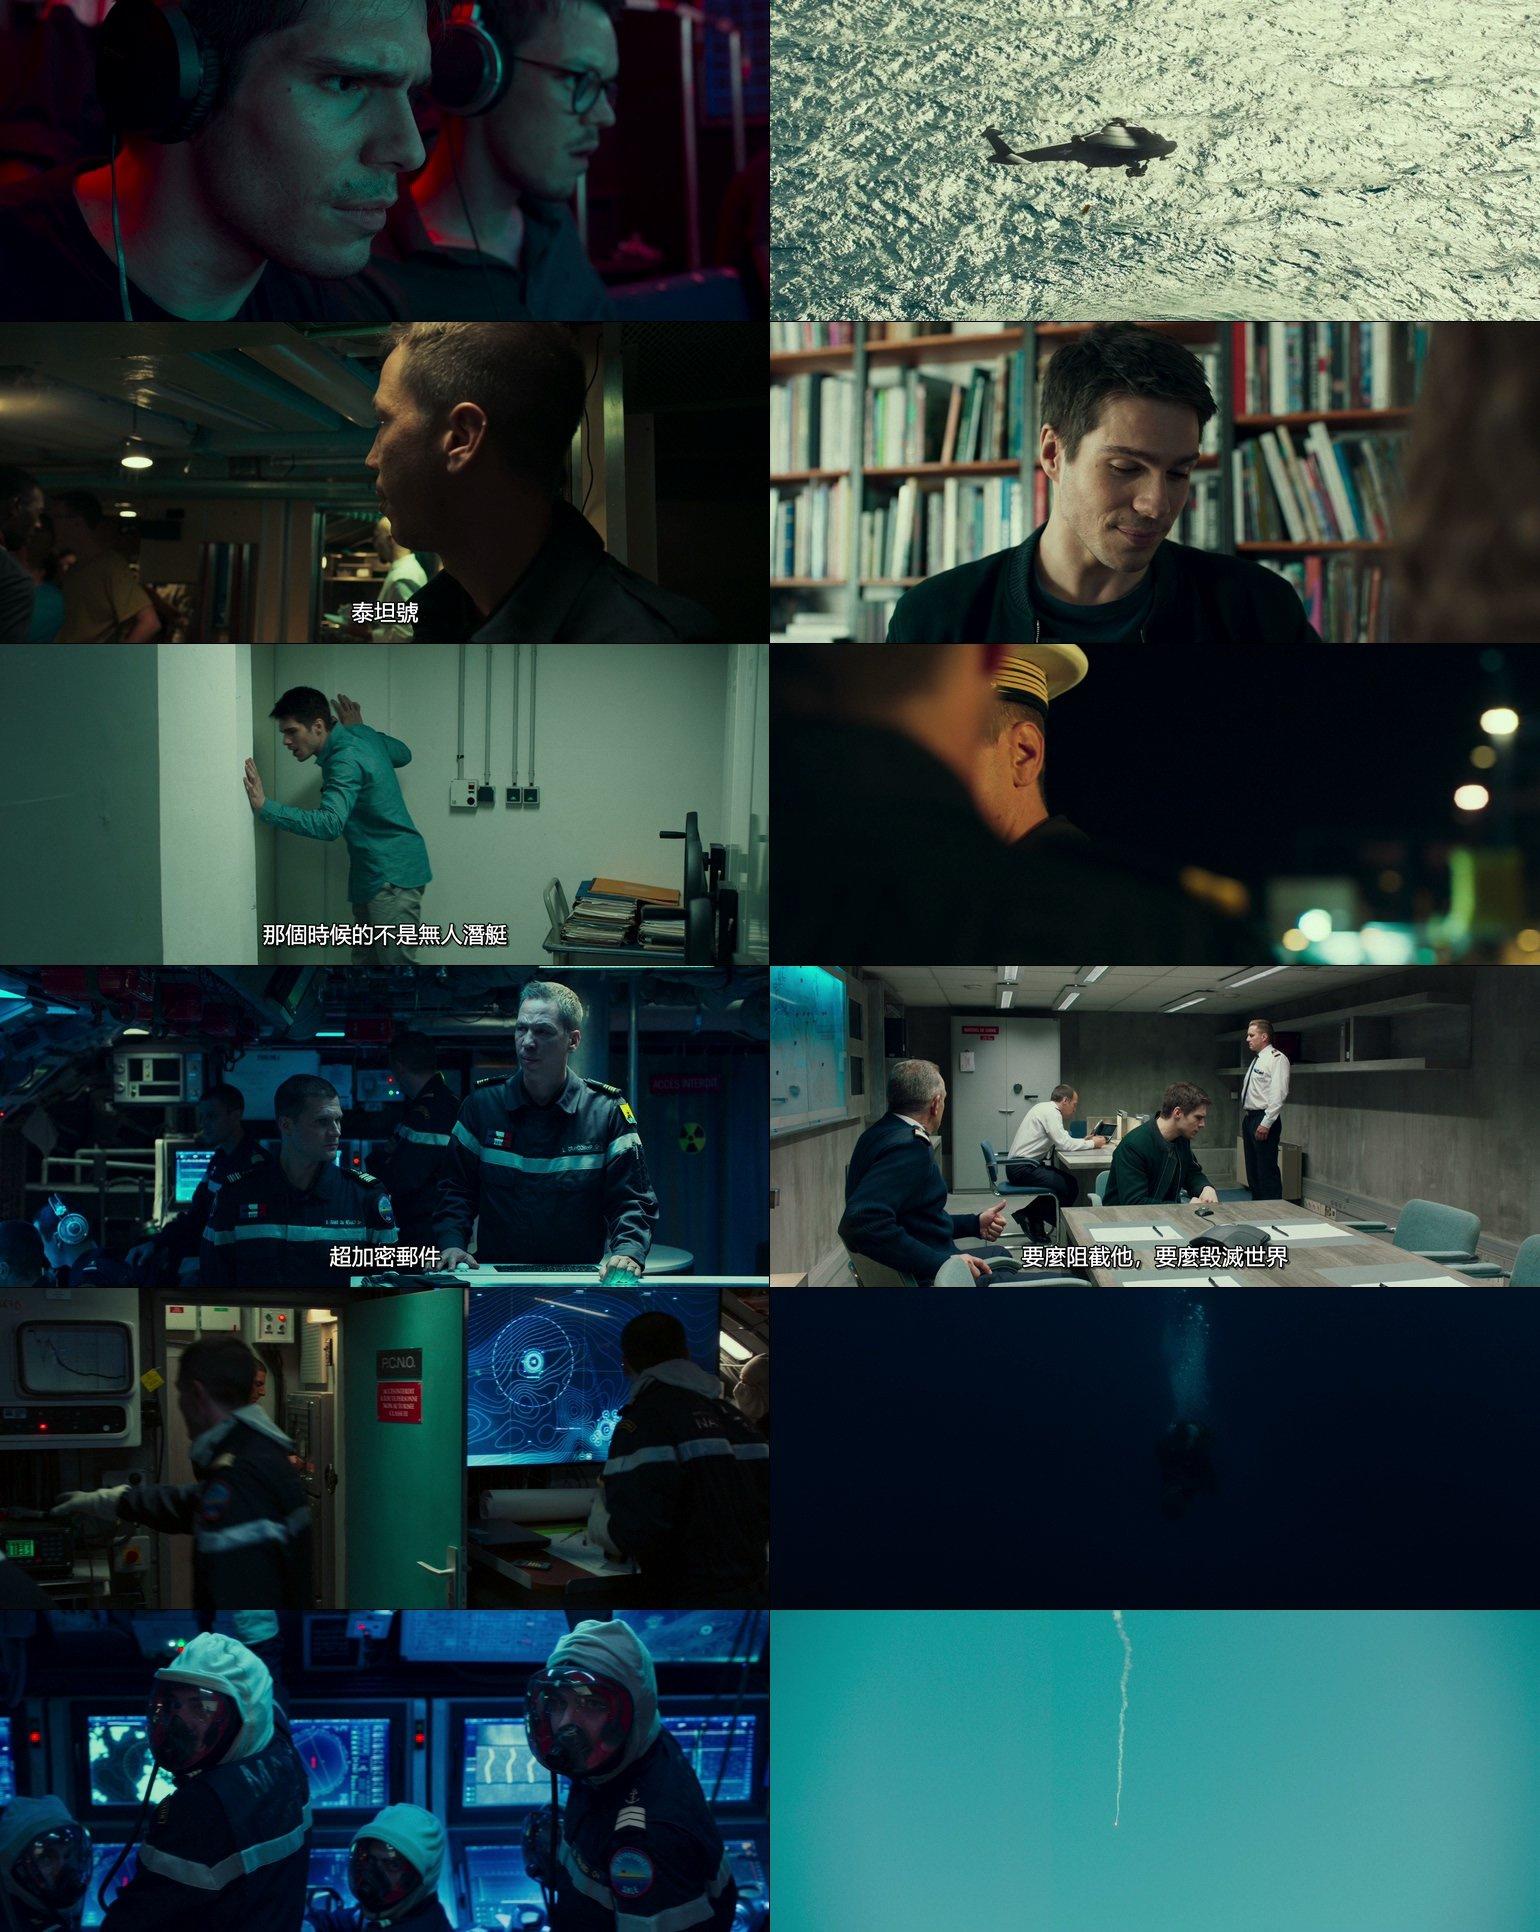 這邊是狼之歌The.Wolfs.Call.2019.BluRay-720p/1080p[MKV@4.3G@多空@繁簡英]圖片的自定義alt信息;551153,734629,haokuku,82